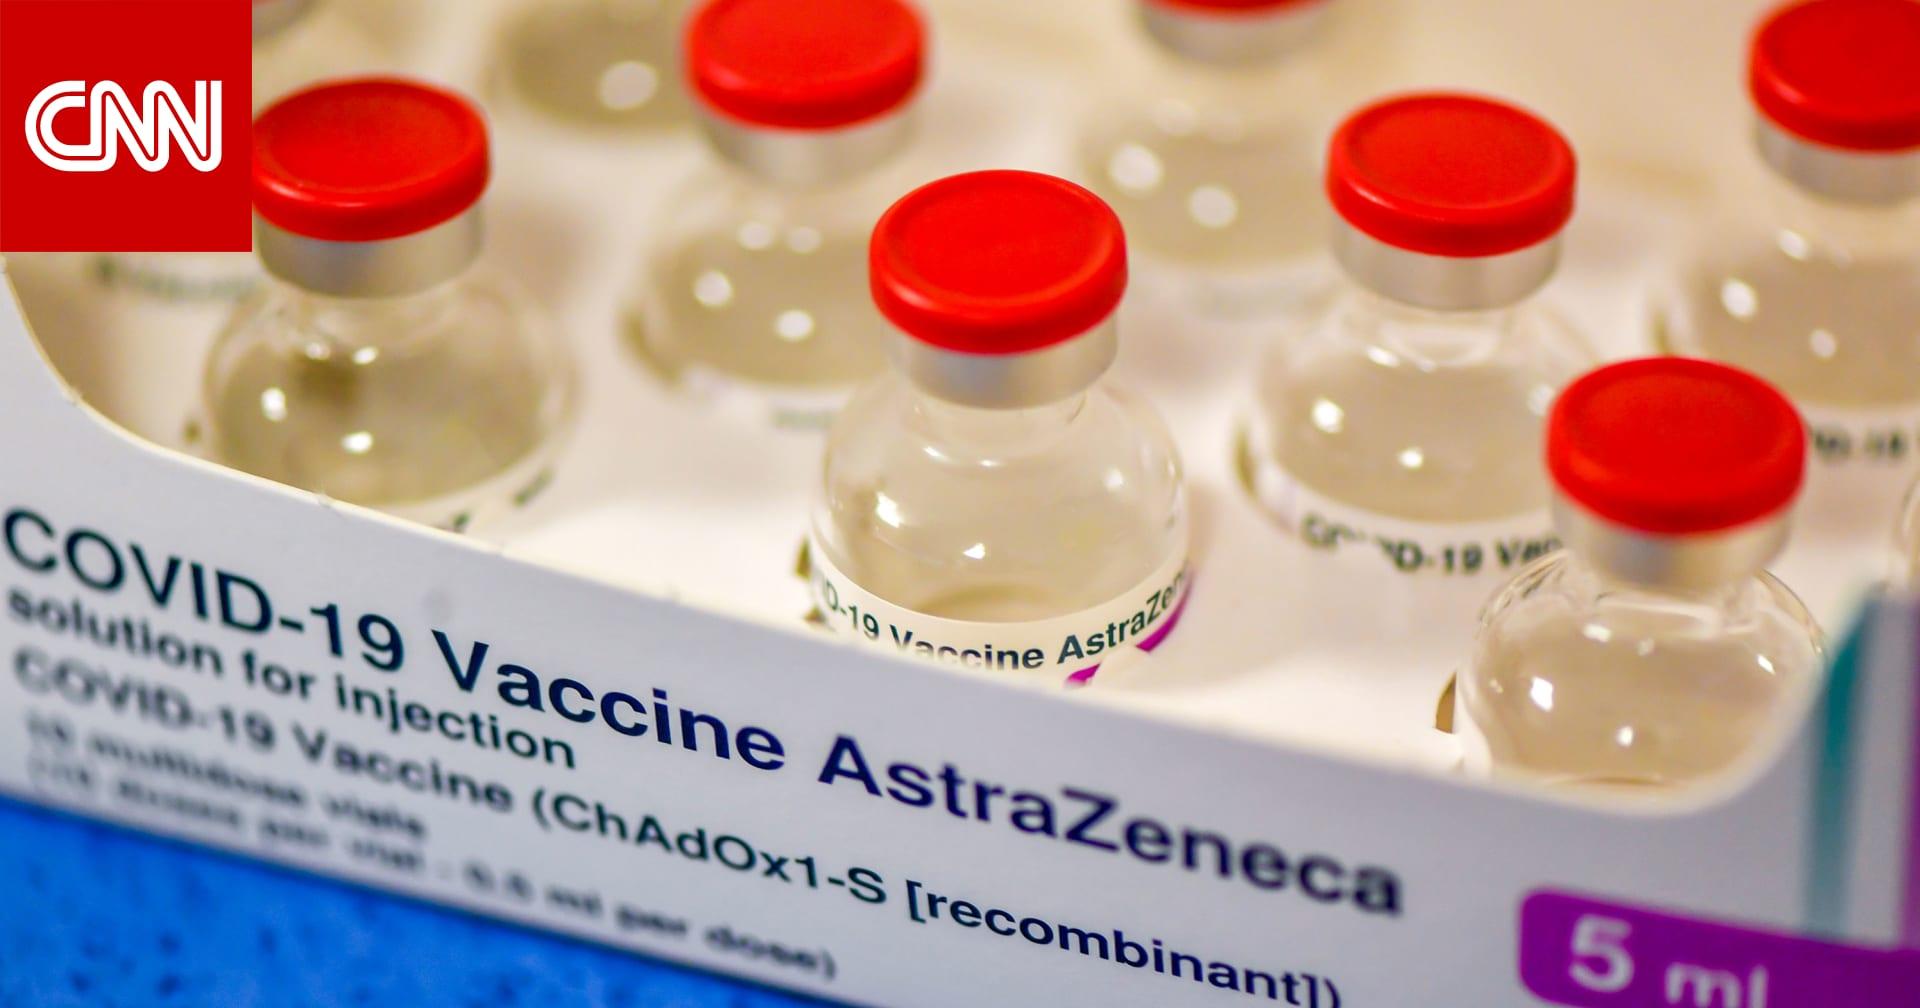 """بسبب تأخر تسليم اللقاح.. الاتحاد الأوروبي يهدد باتخاذ إجراءات قانونية ضد """"أسترازينيكا"""" و""""فايزر"""""""